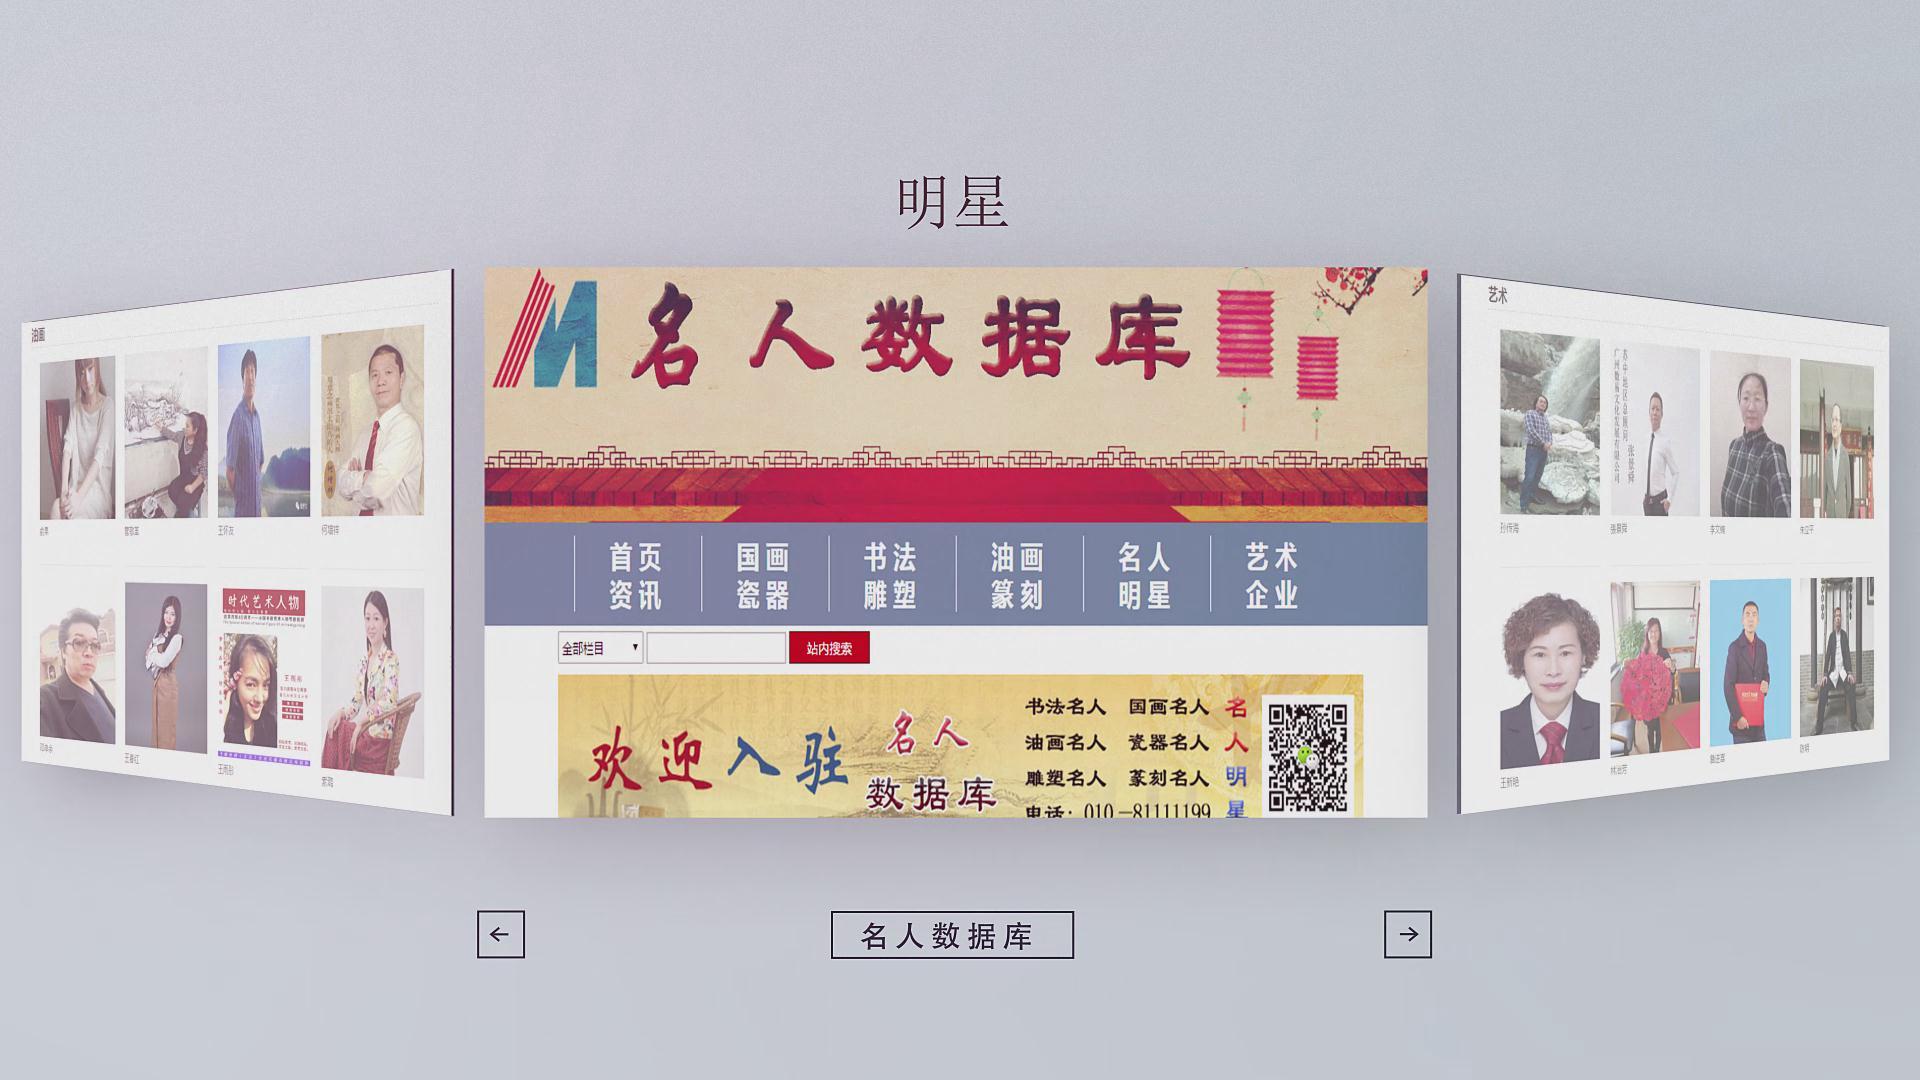 消息资讯▲飞驰环球集团旗下创新项目《名人数据库》、《时代名人录》、《国学大师百科》,